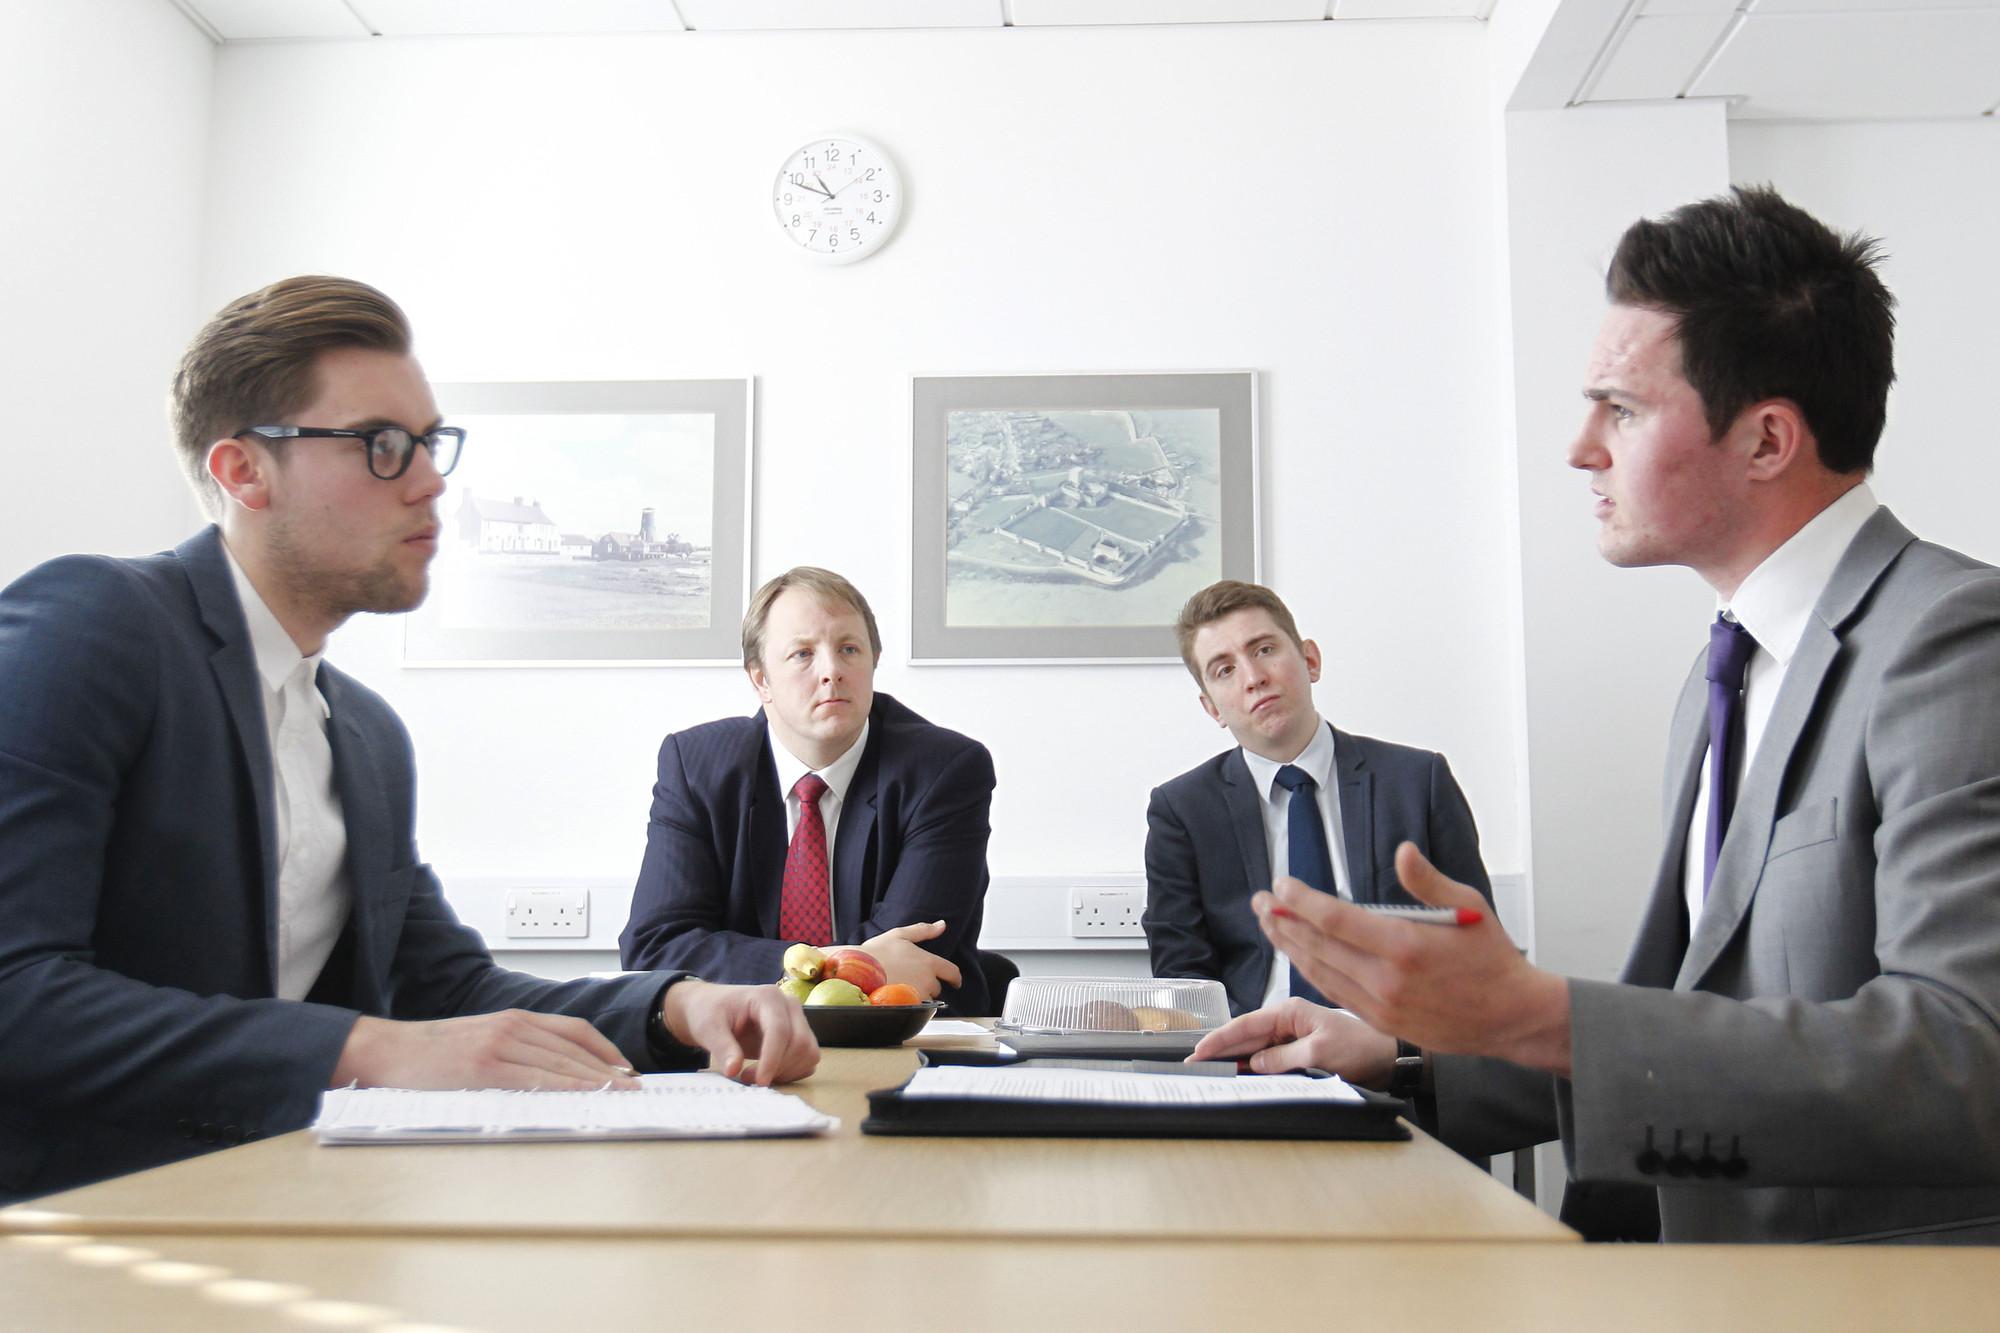 TOP 8 kỹ năng thuyết phục người khác dễ dàng trong giao tiếp